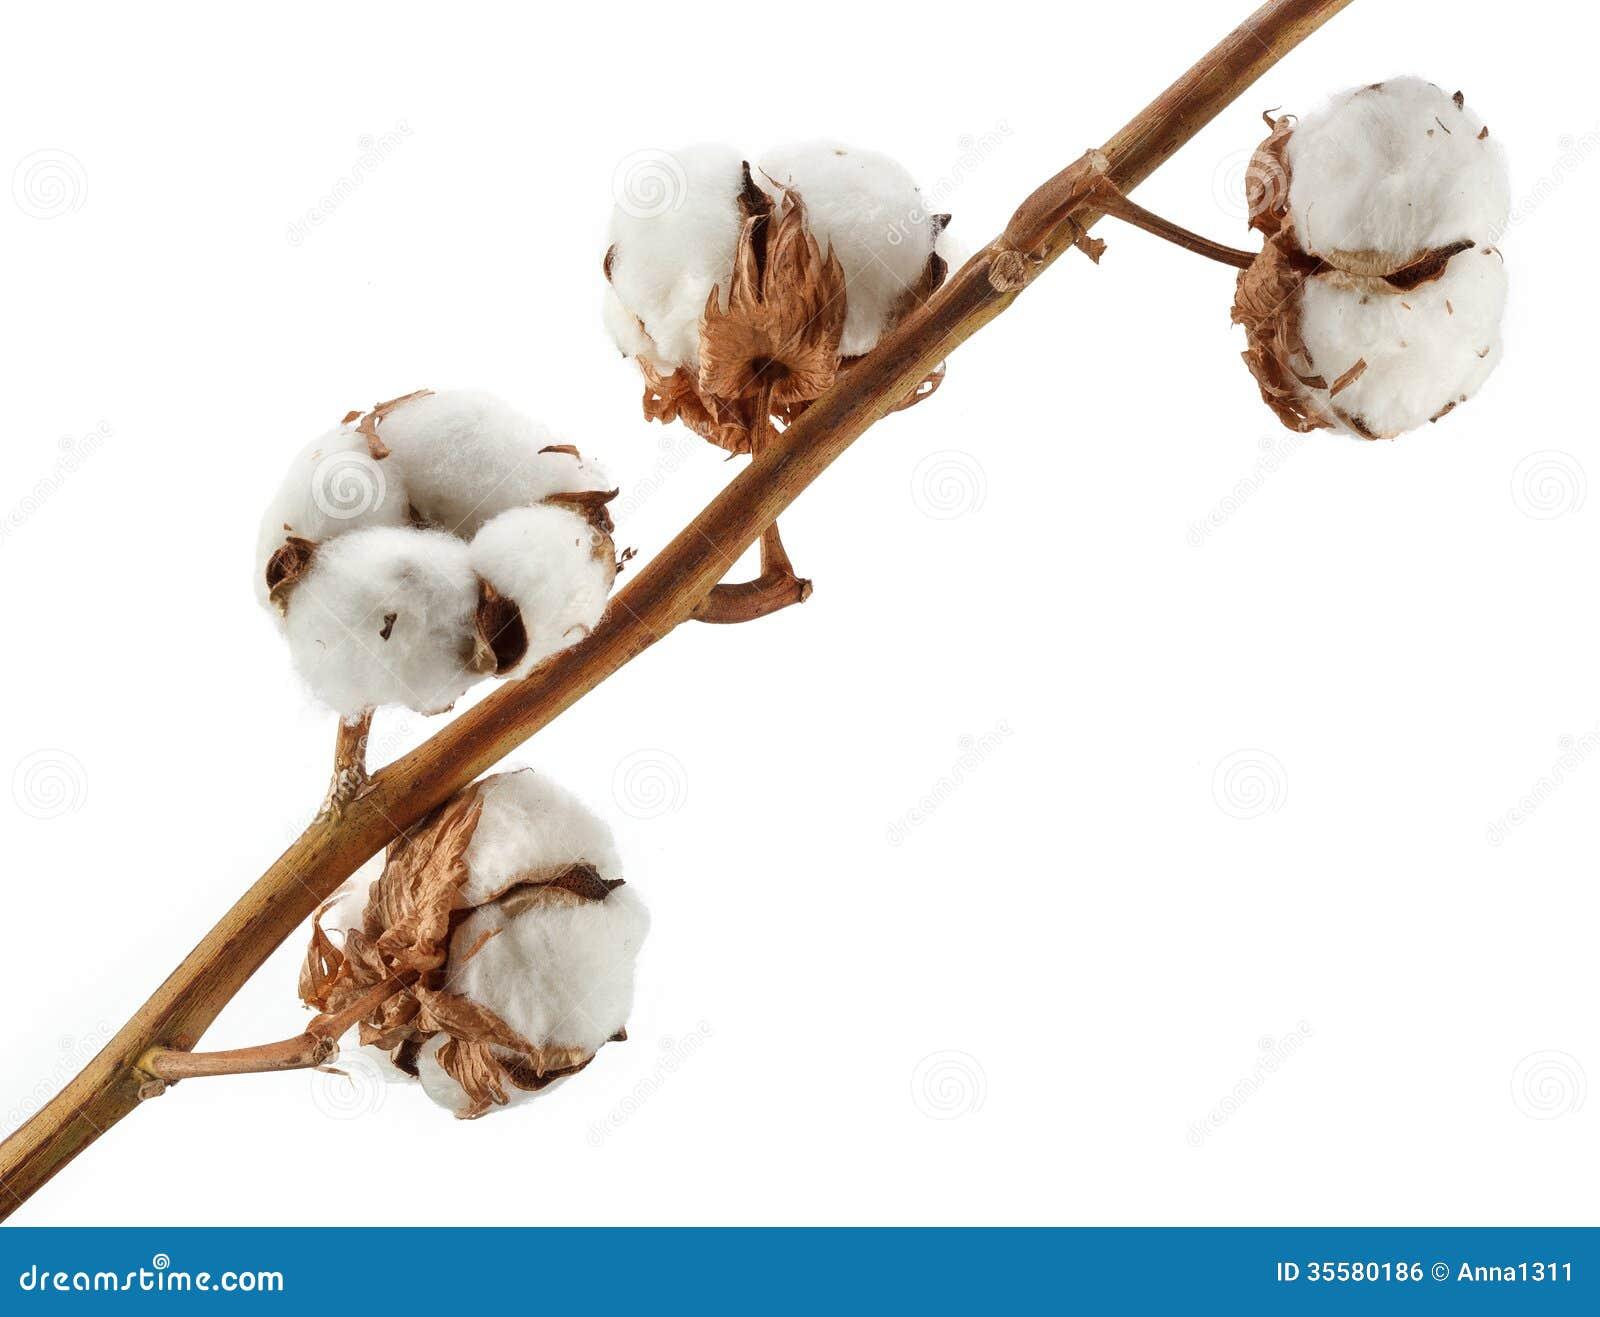 Business plan cotton production 1820